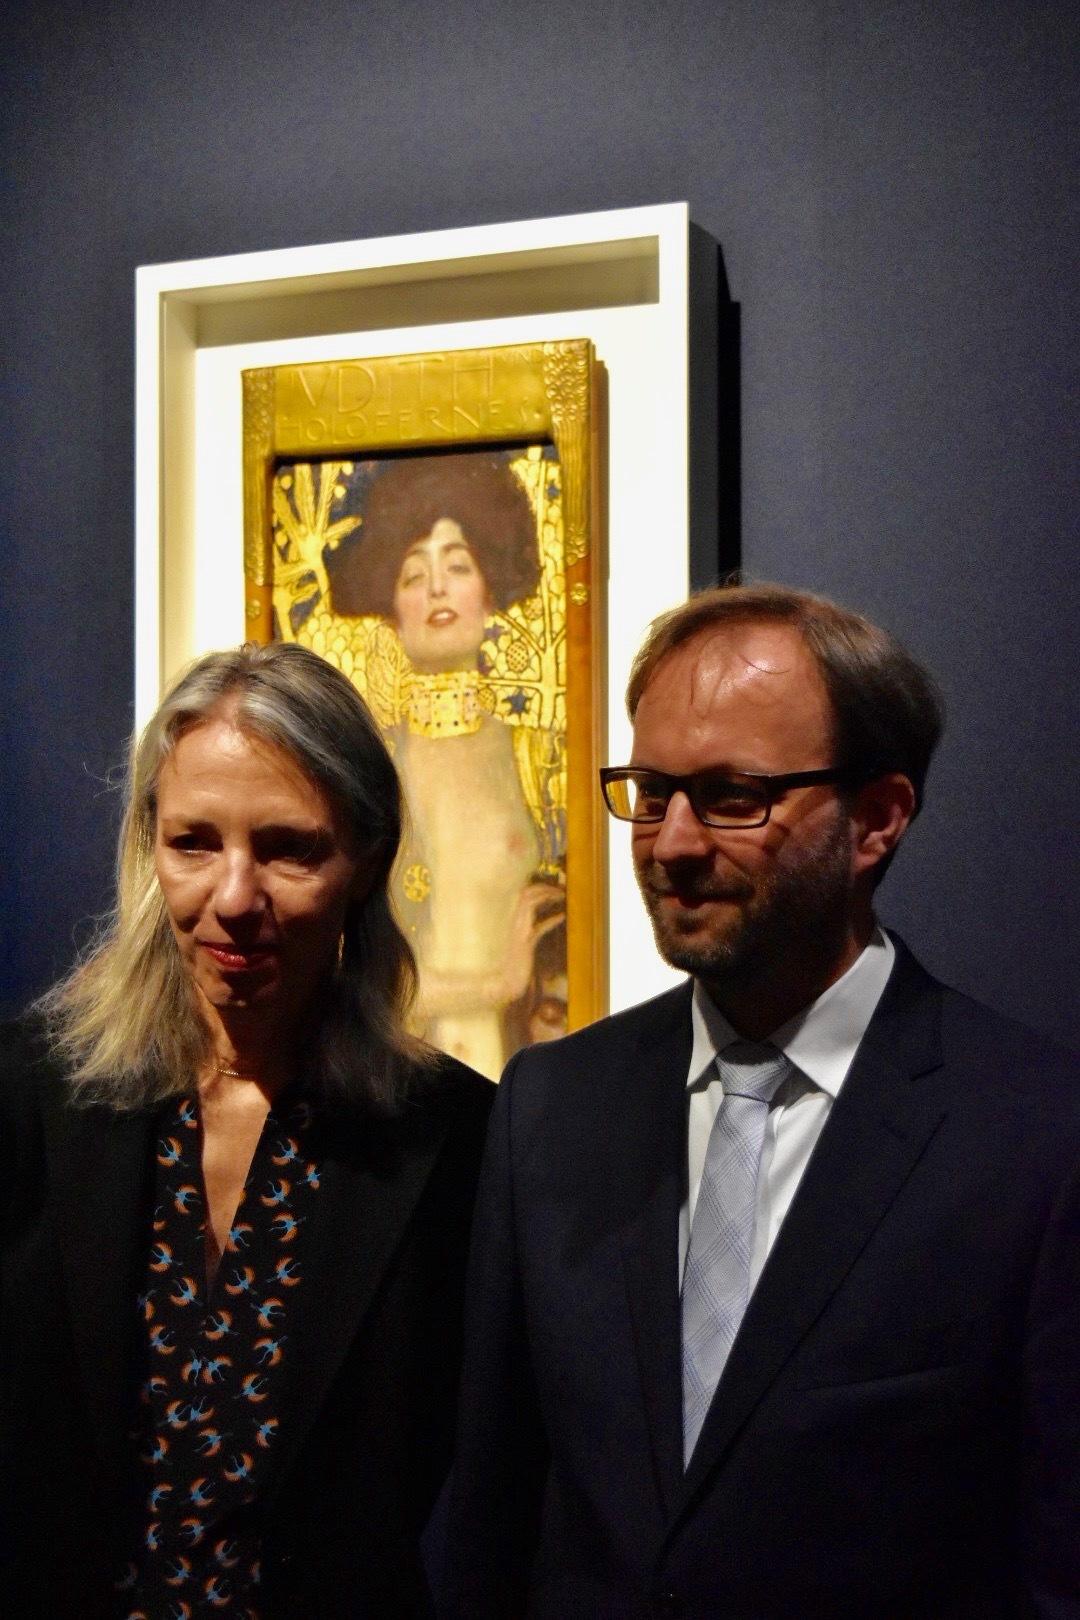 ベルヴェデーレ宮オーストリア絵画館 館長のステラ・ローリッグ氏(左)と、同館学芸員のマークス・フェリンガー氏(右)